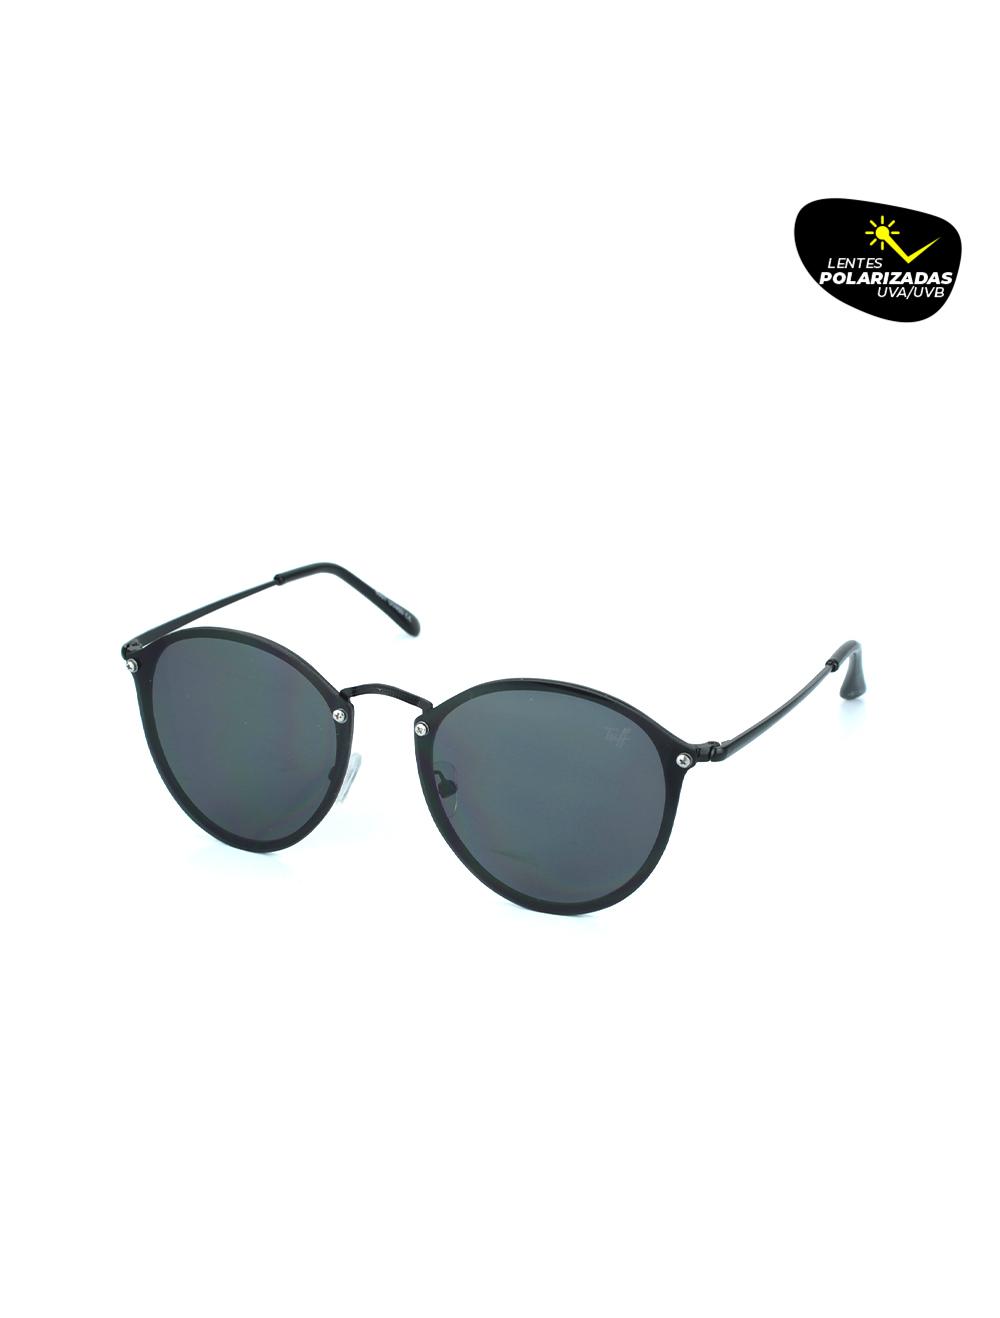 Sunglasses Pantos Preto Polarizado